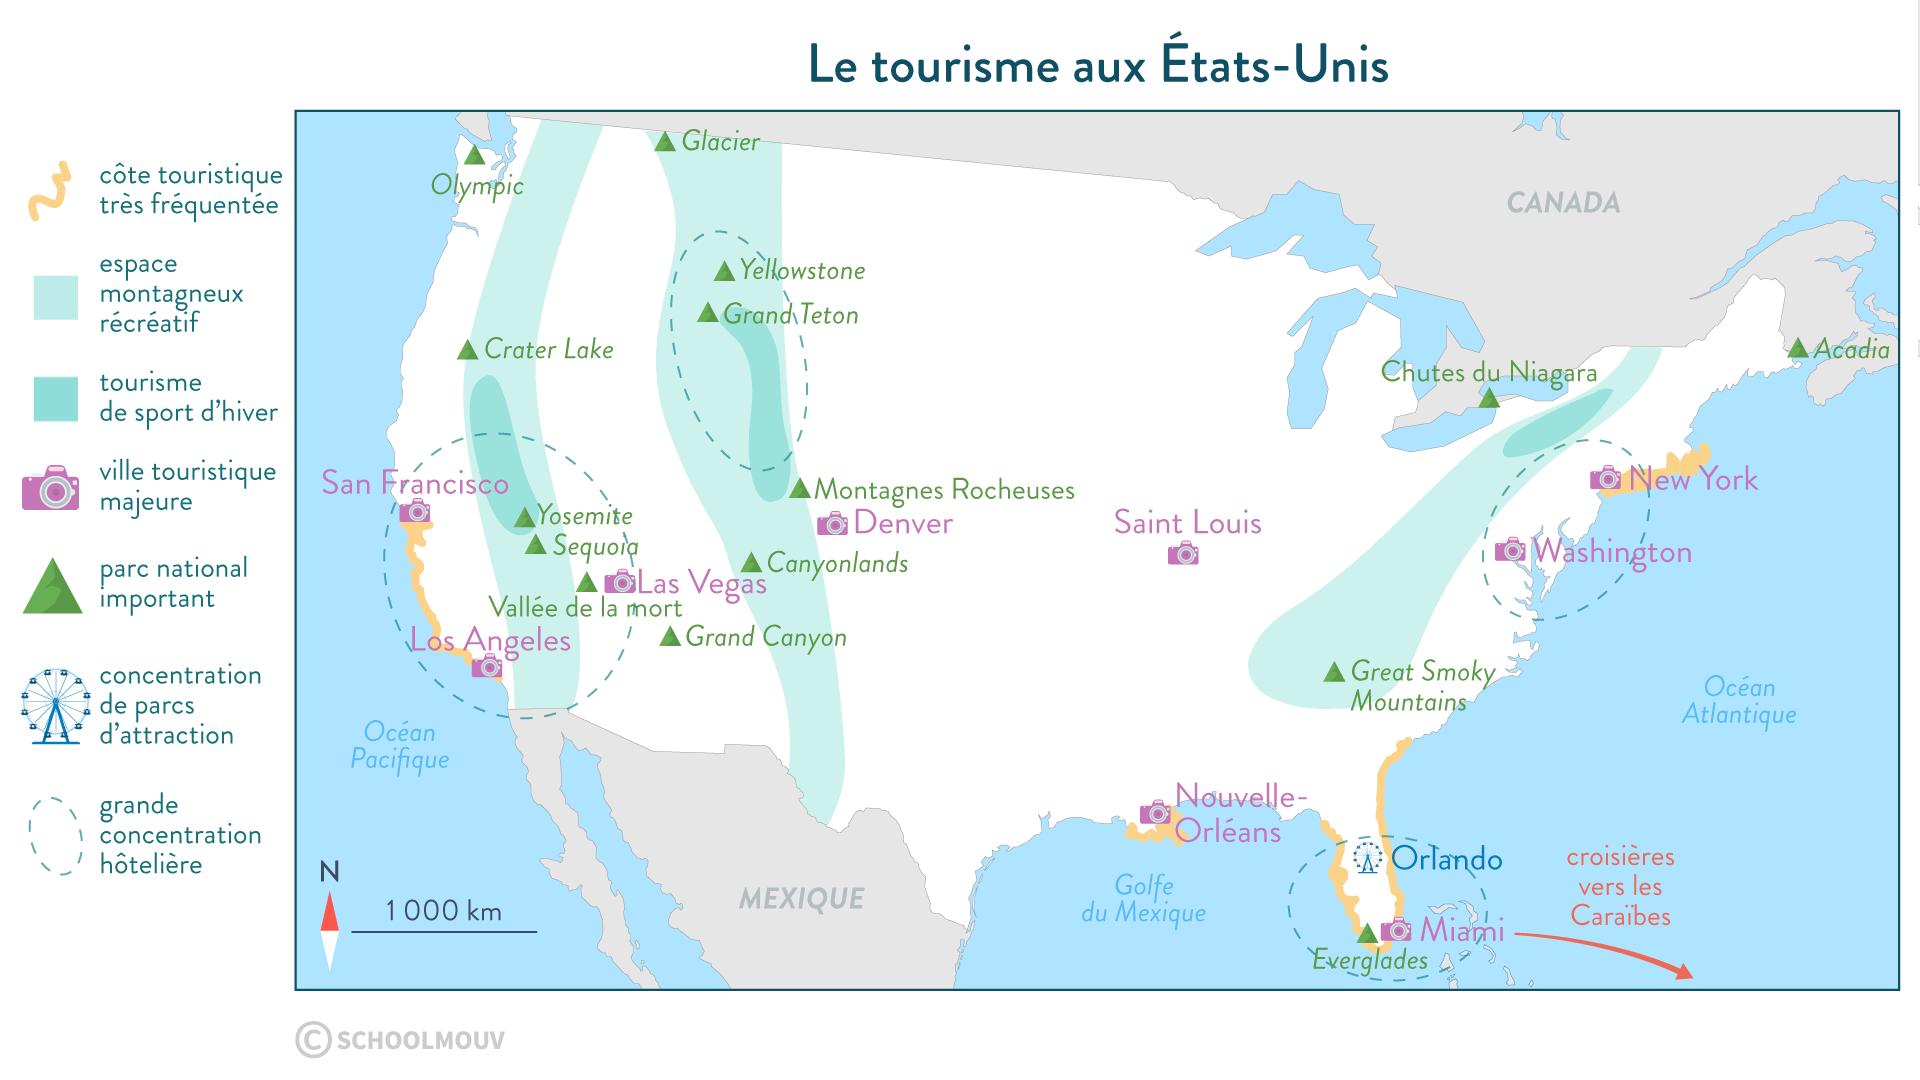 Le tourisme aux États-Unis-Géographie-Seconde-SchoolMouv